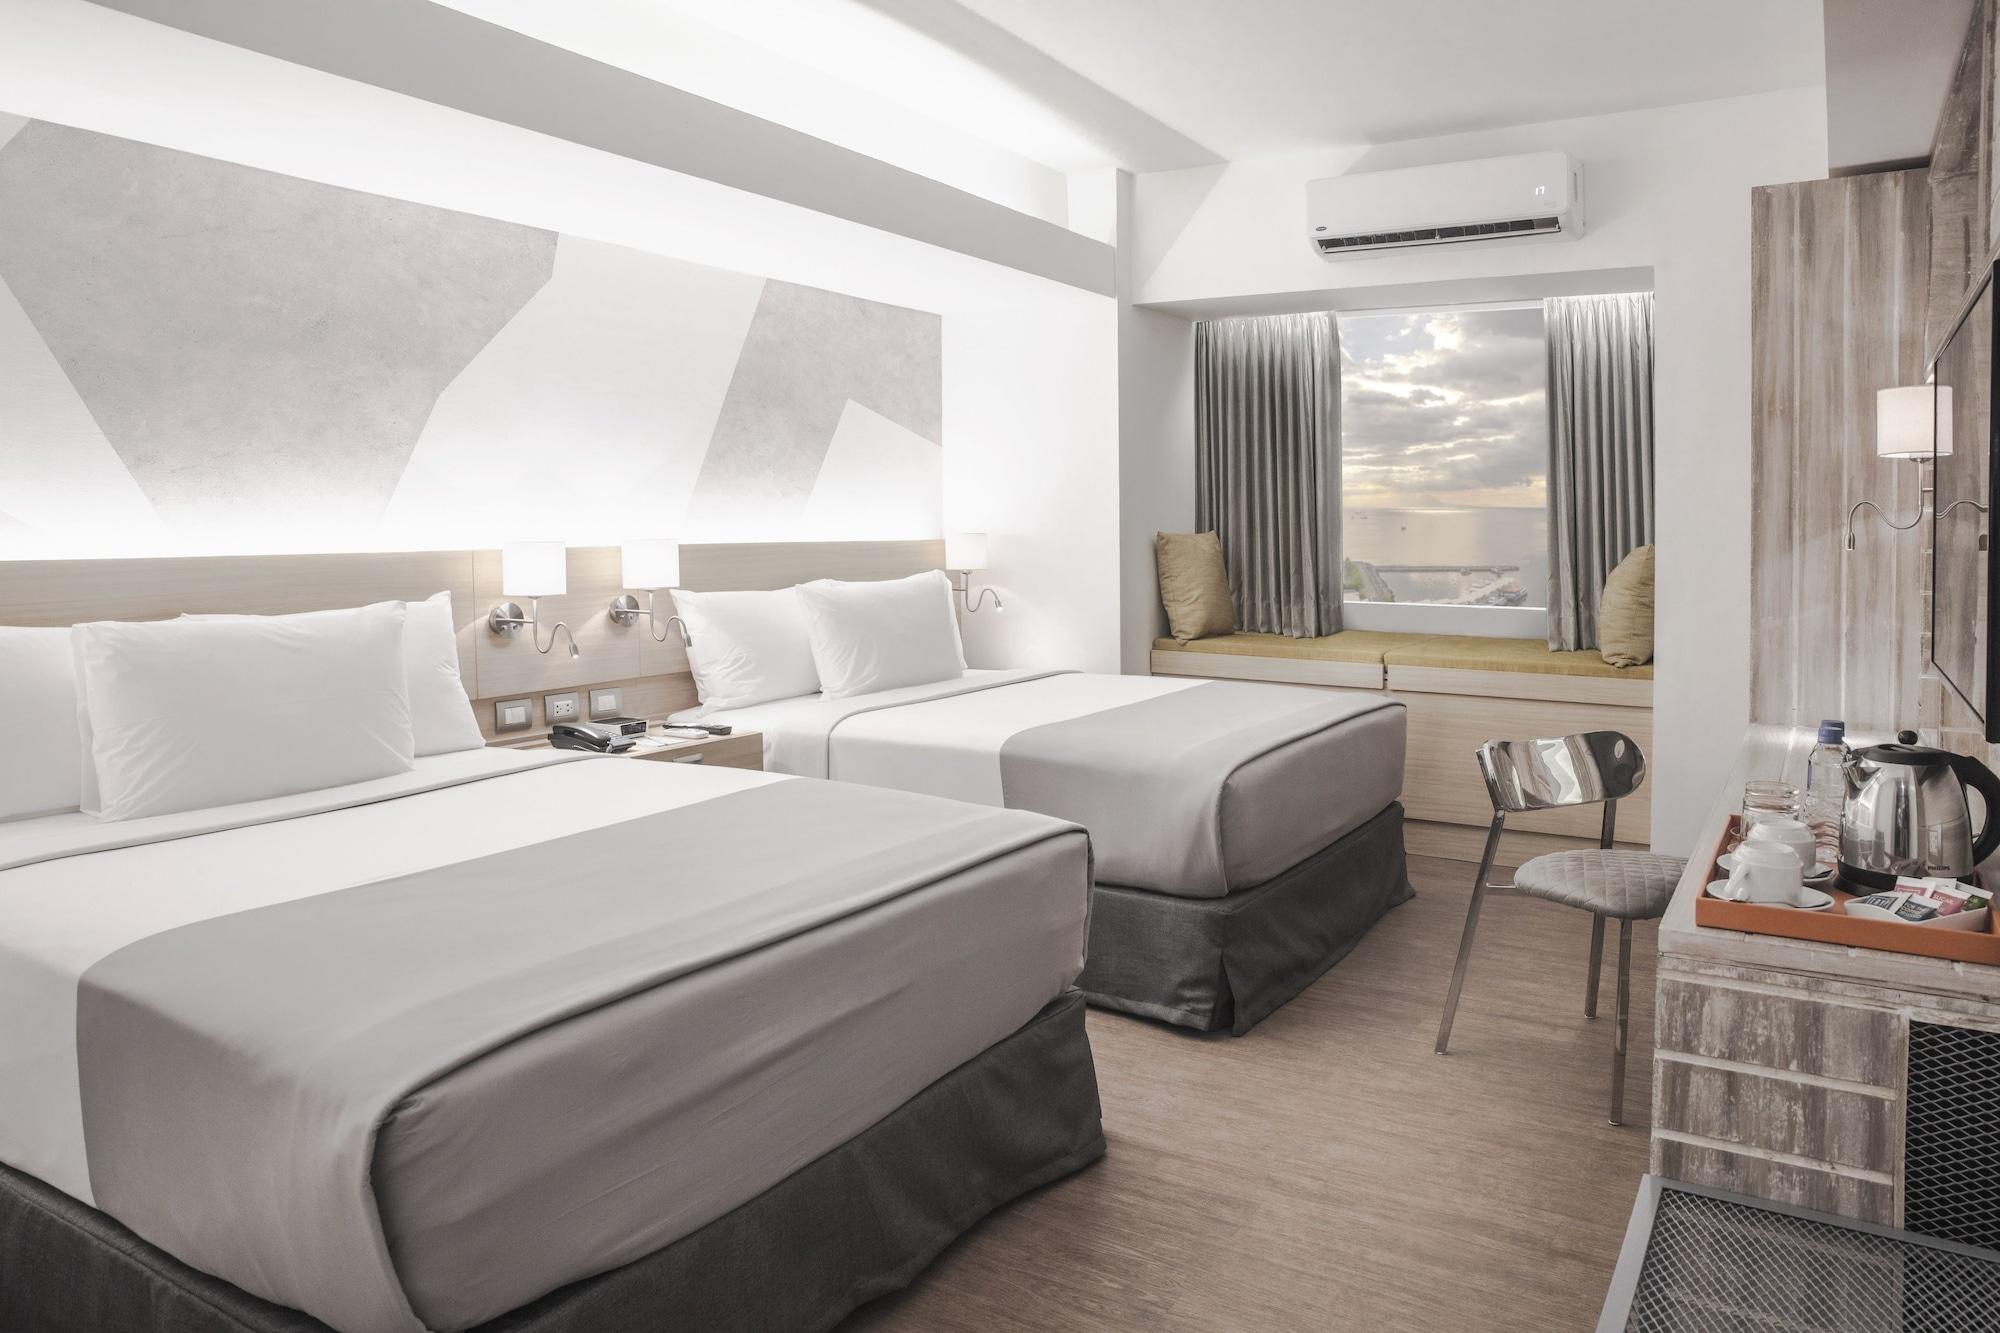 Bayside Room 2 Queen Beds